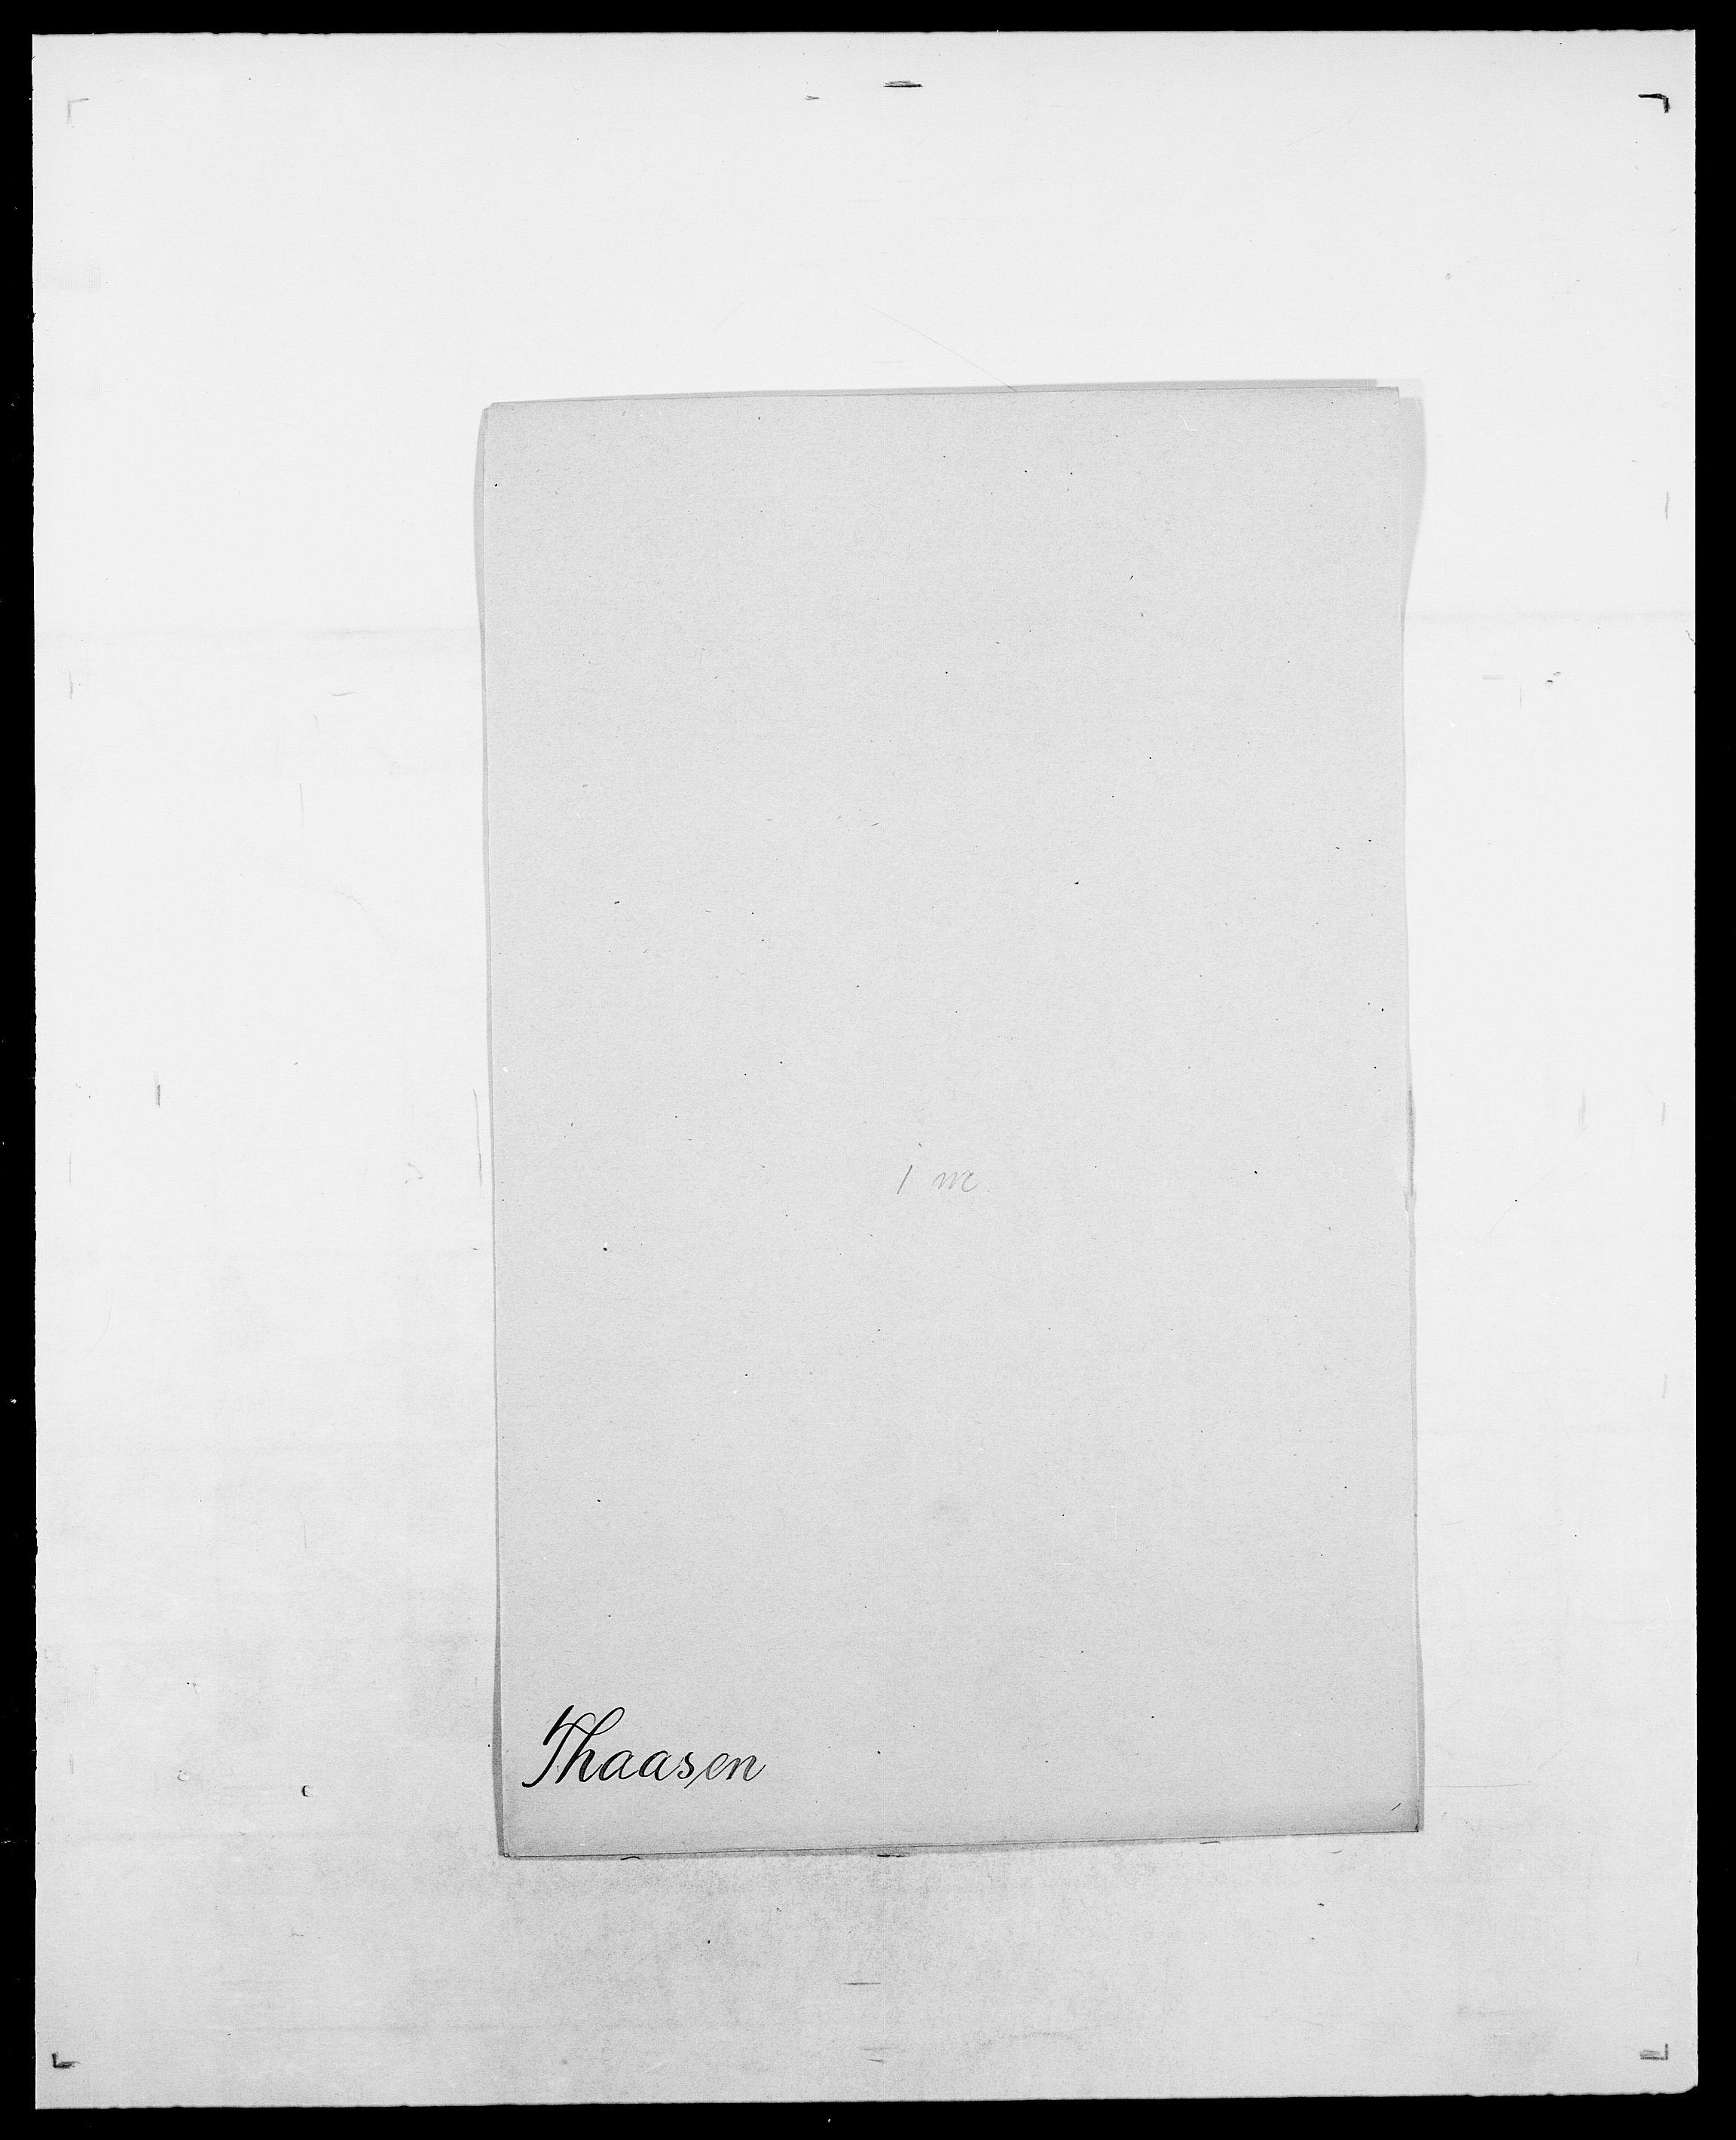 SAO, Delgobe, Charles Antoine - samling, D/Da/L0038: Svanenskjold - Thornsohn, s. 429